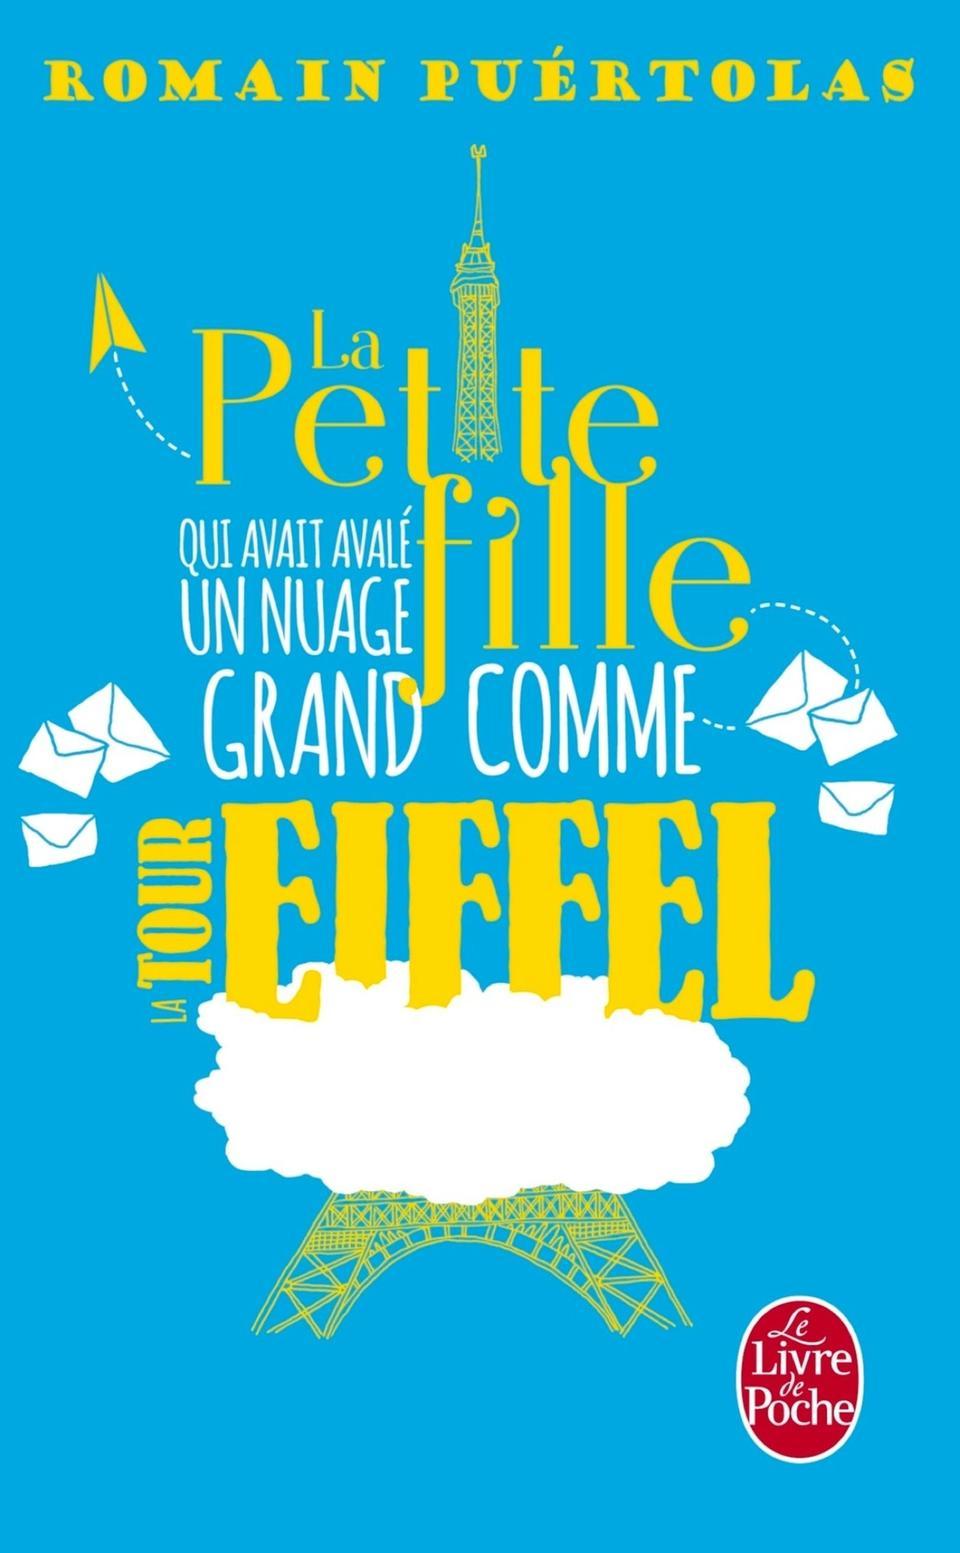 Couverture roman de R. Puertolas, La Petite fille qui avait avalé un nuage grand comme la Tour Eiffel